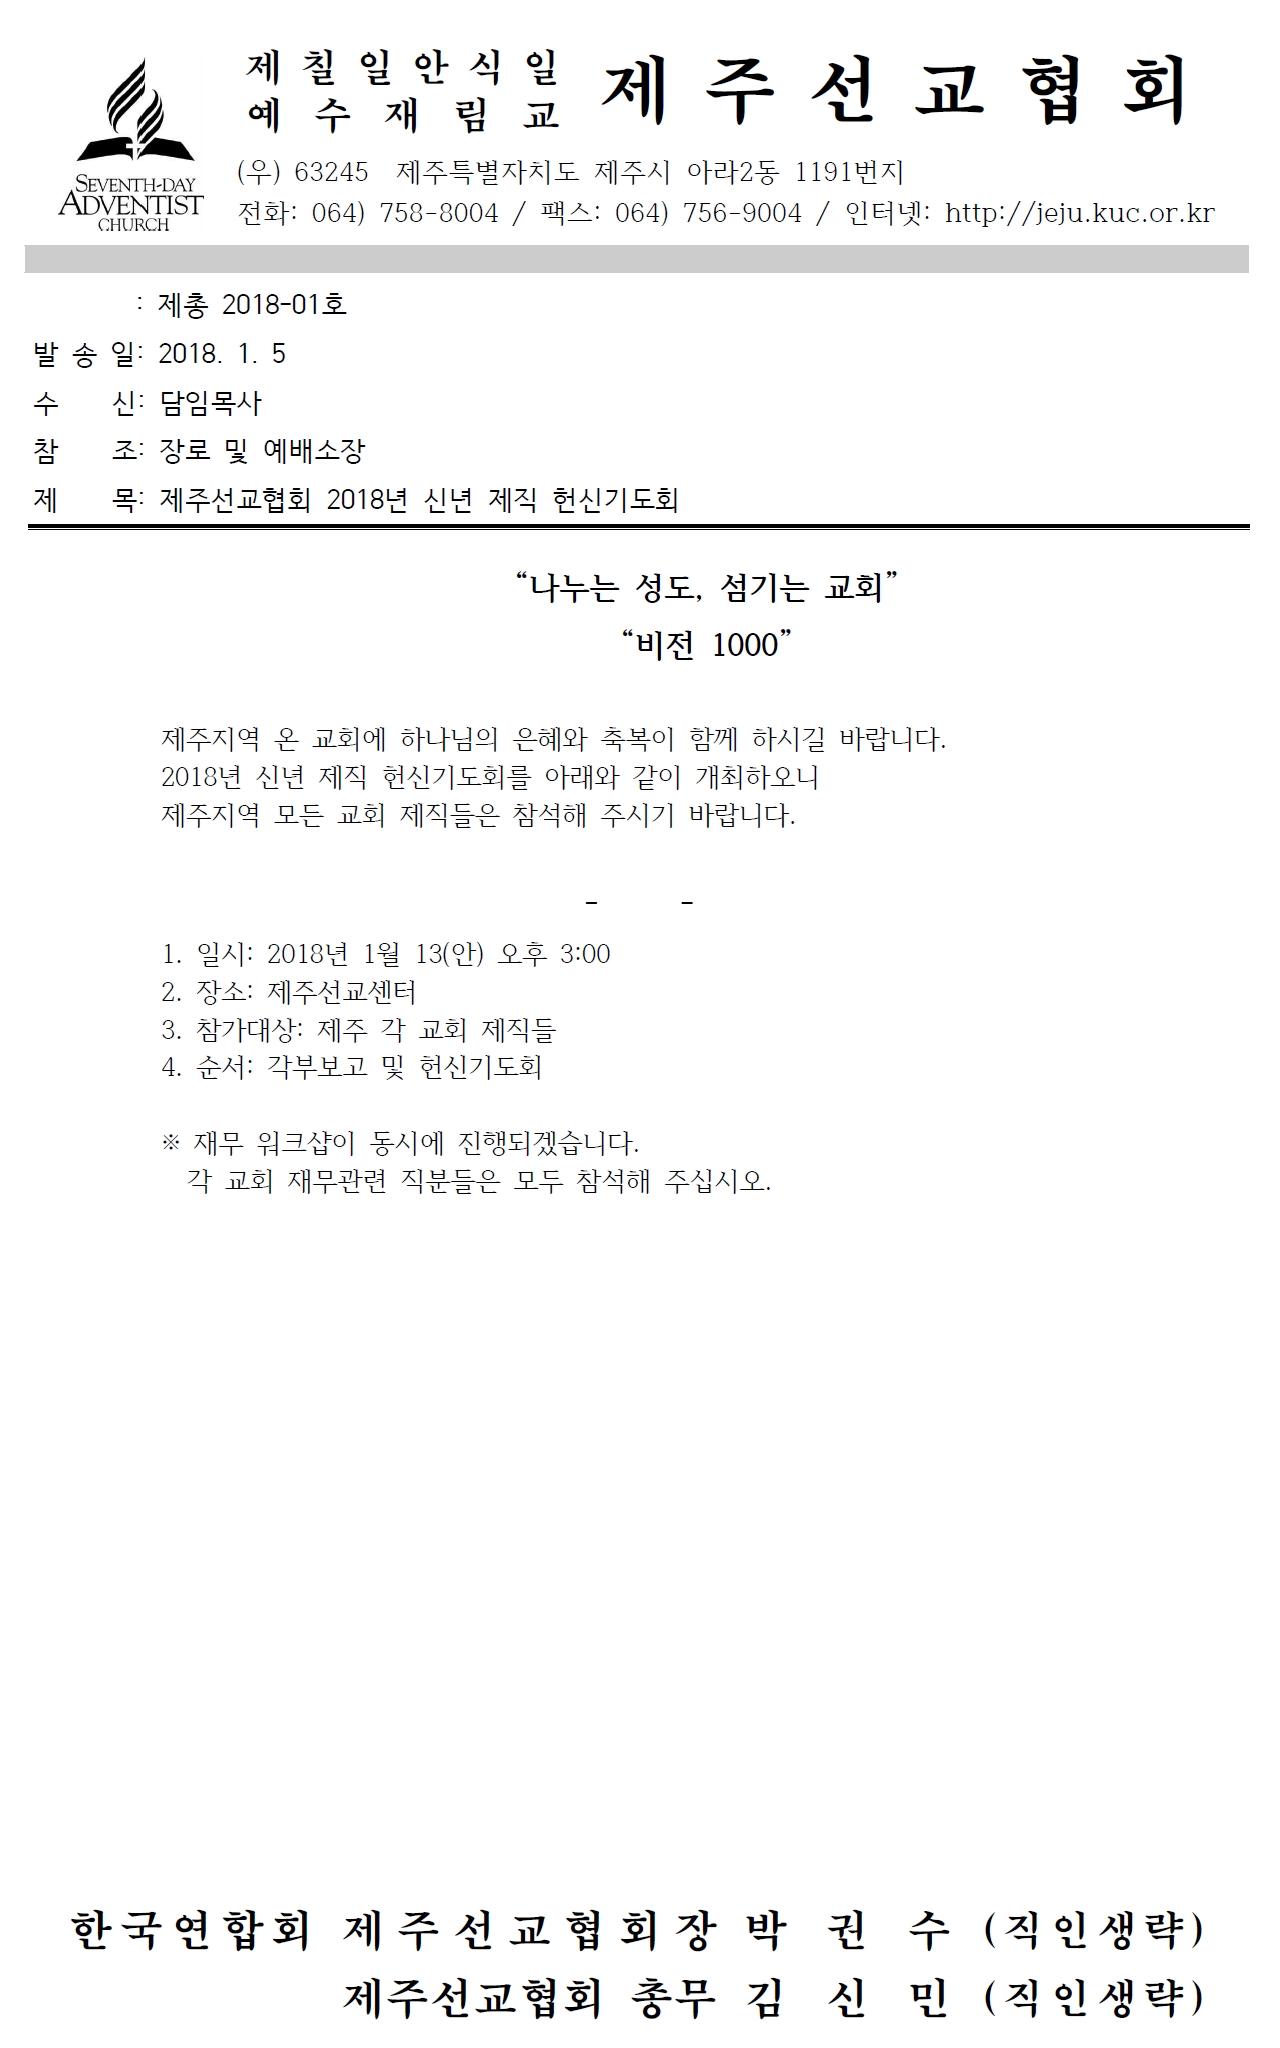 2018-01 신년도 제직헌신회.jpg